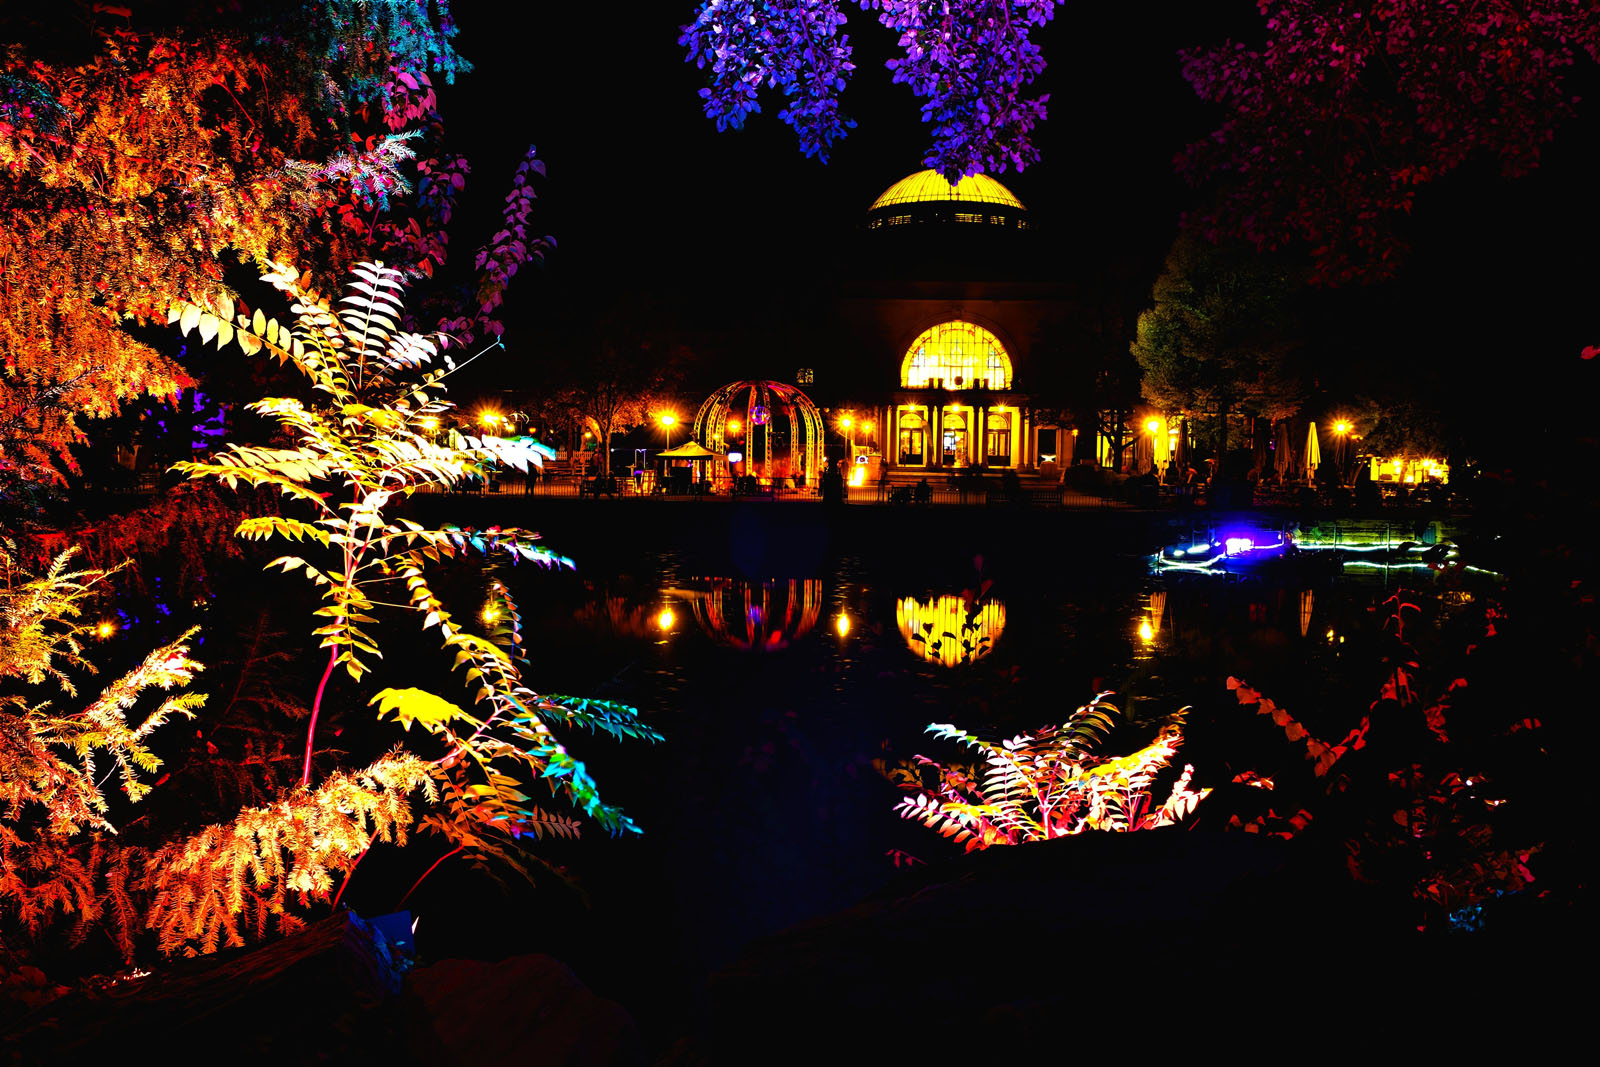 Fotokunst 2.0 - Lichtspiele im Kurpark ❤️